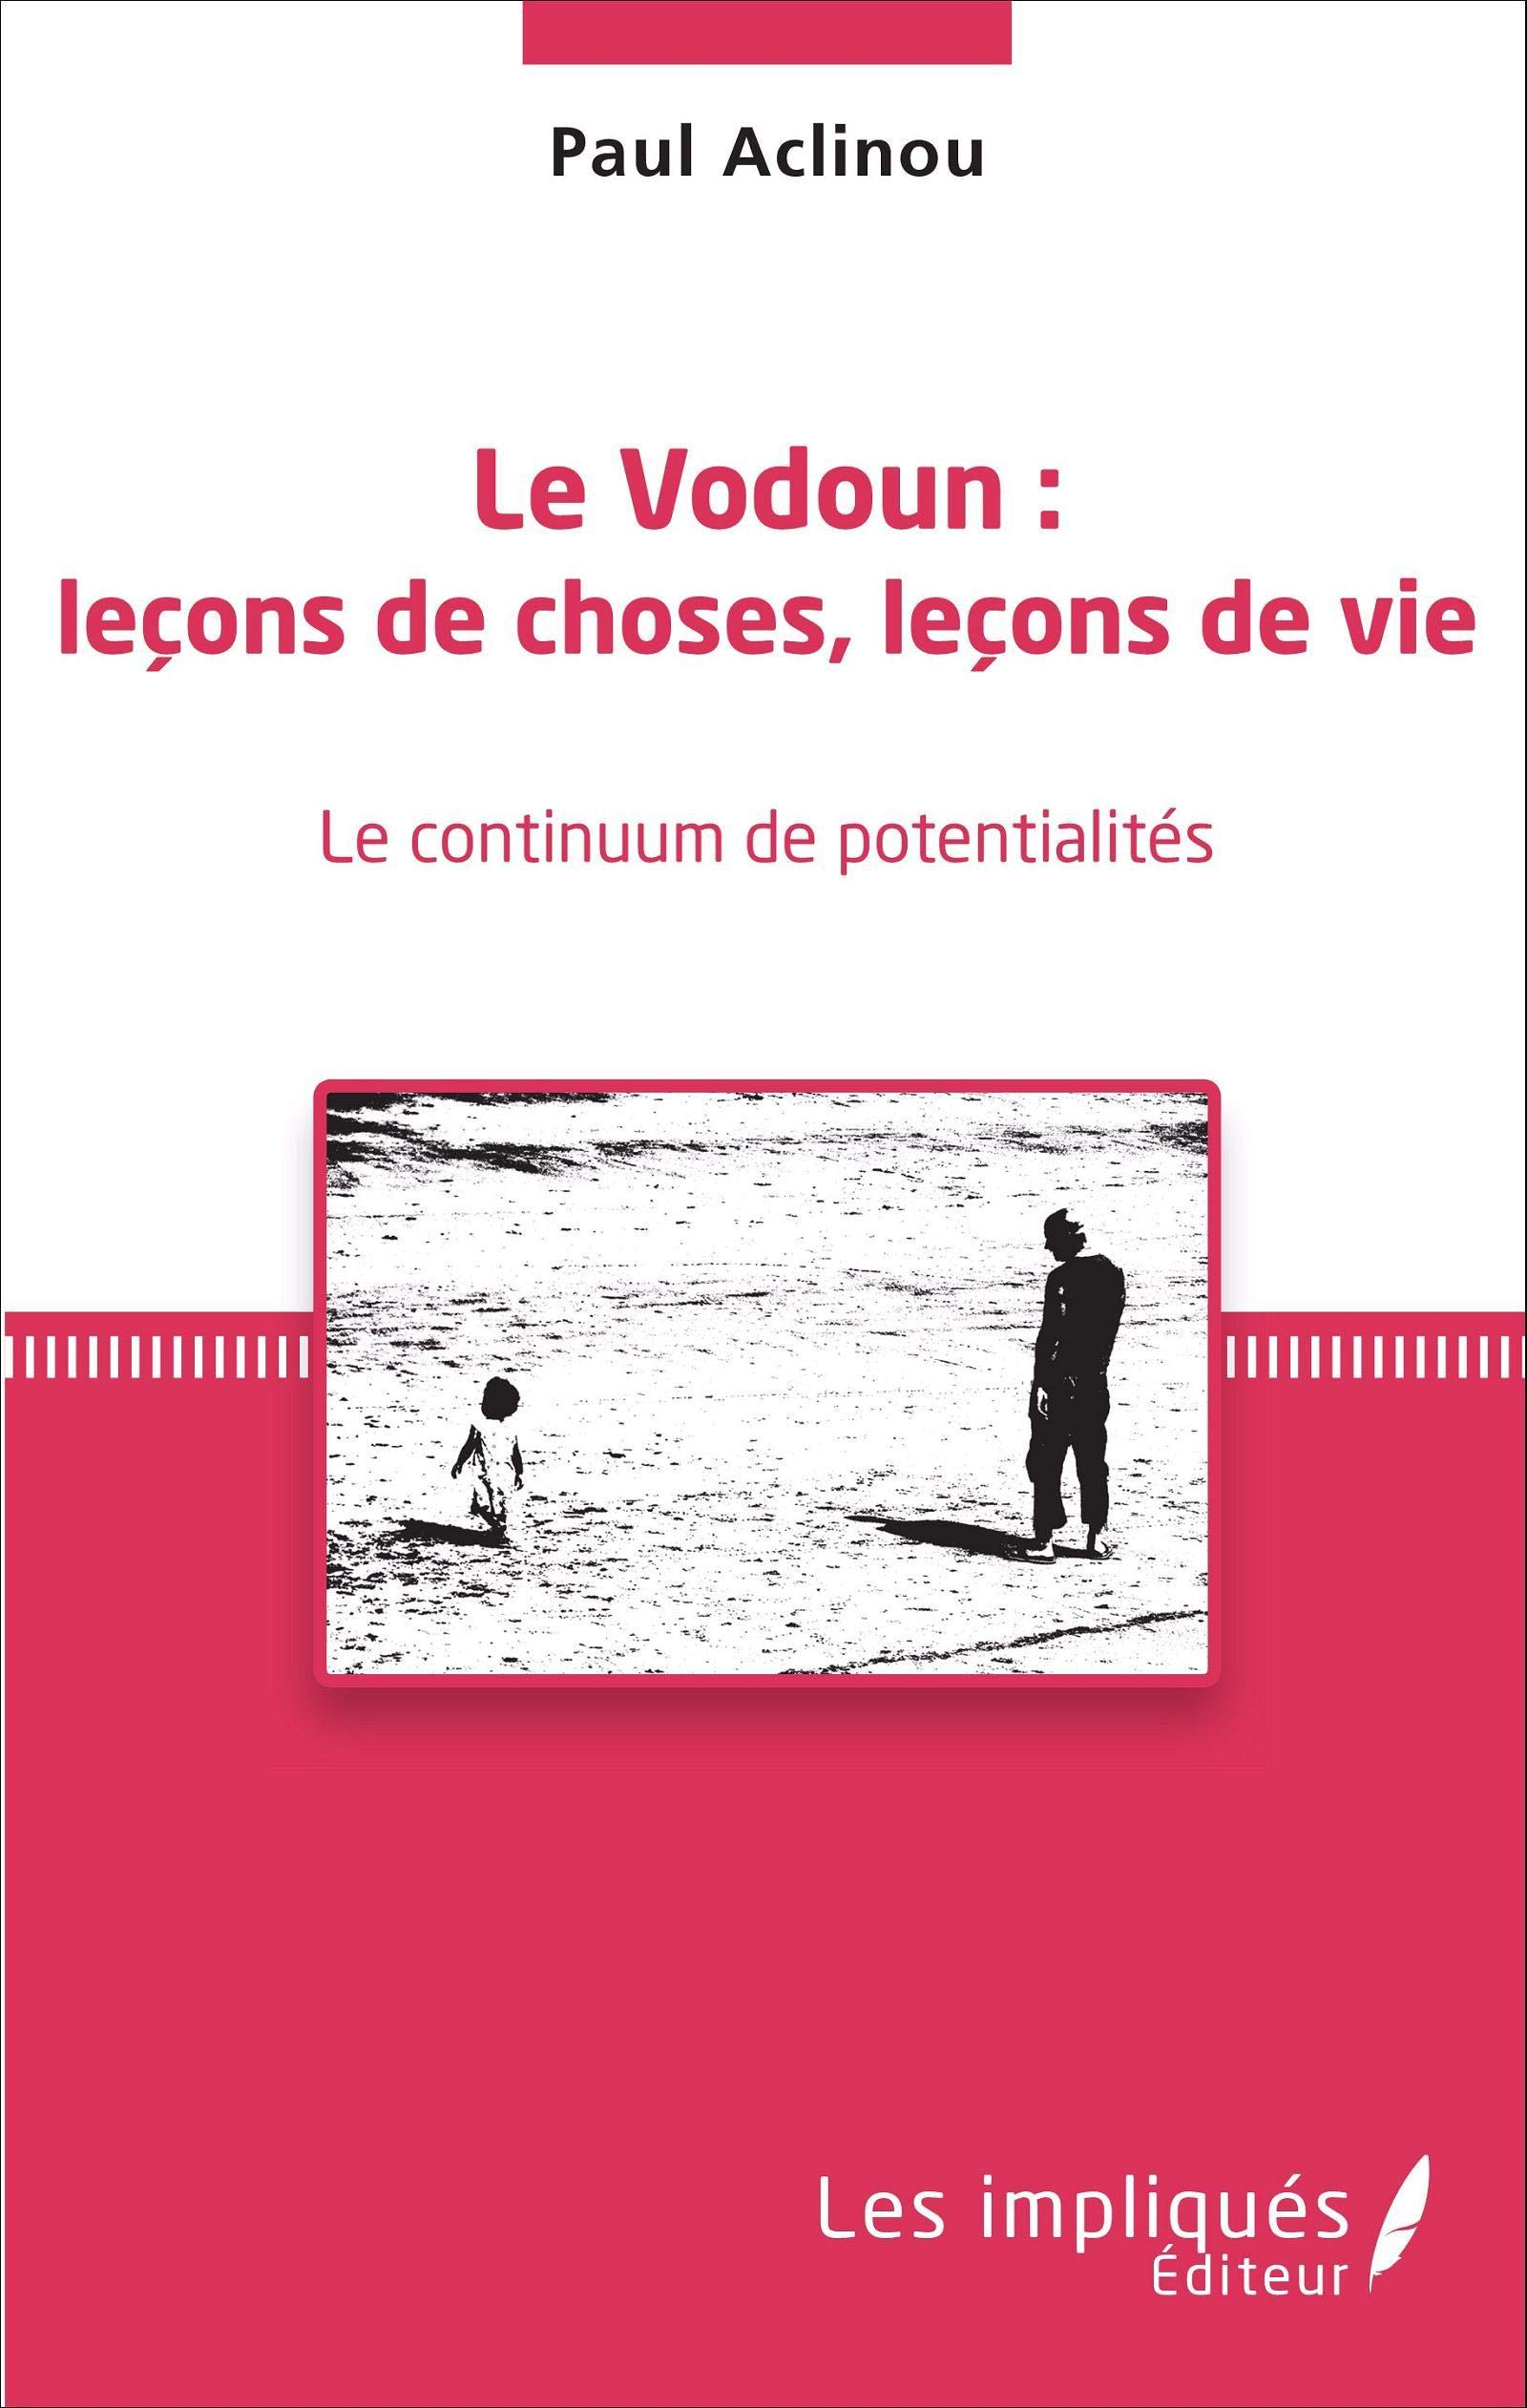 Le Vodoun Lecons De Choses Lecon De Vie Le Continuum De Potentialites Les Impliques French Edition Aclinou Paul 9782343089300 Amazon Com Books